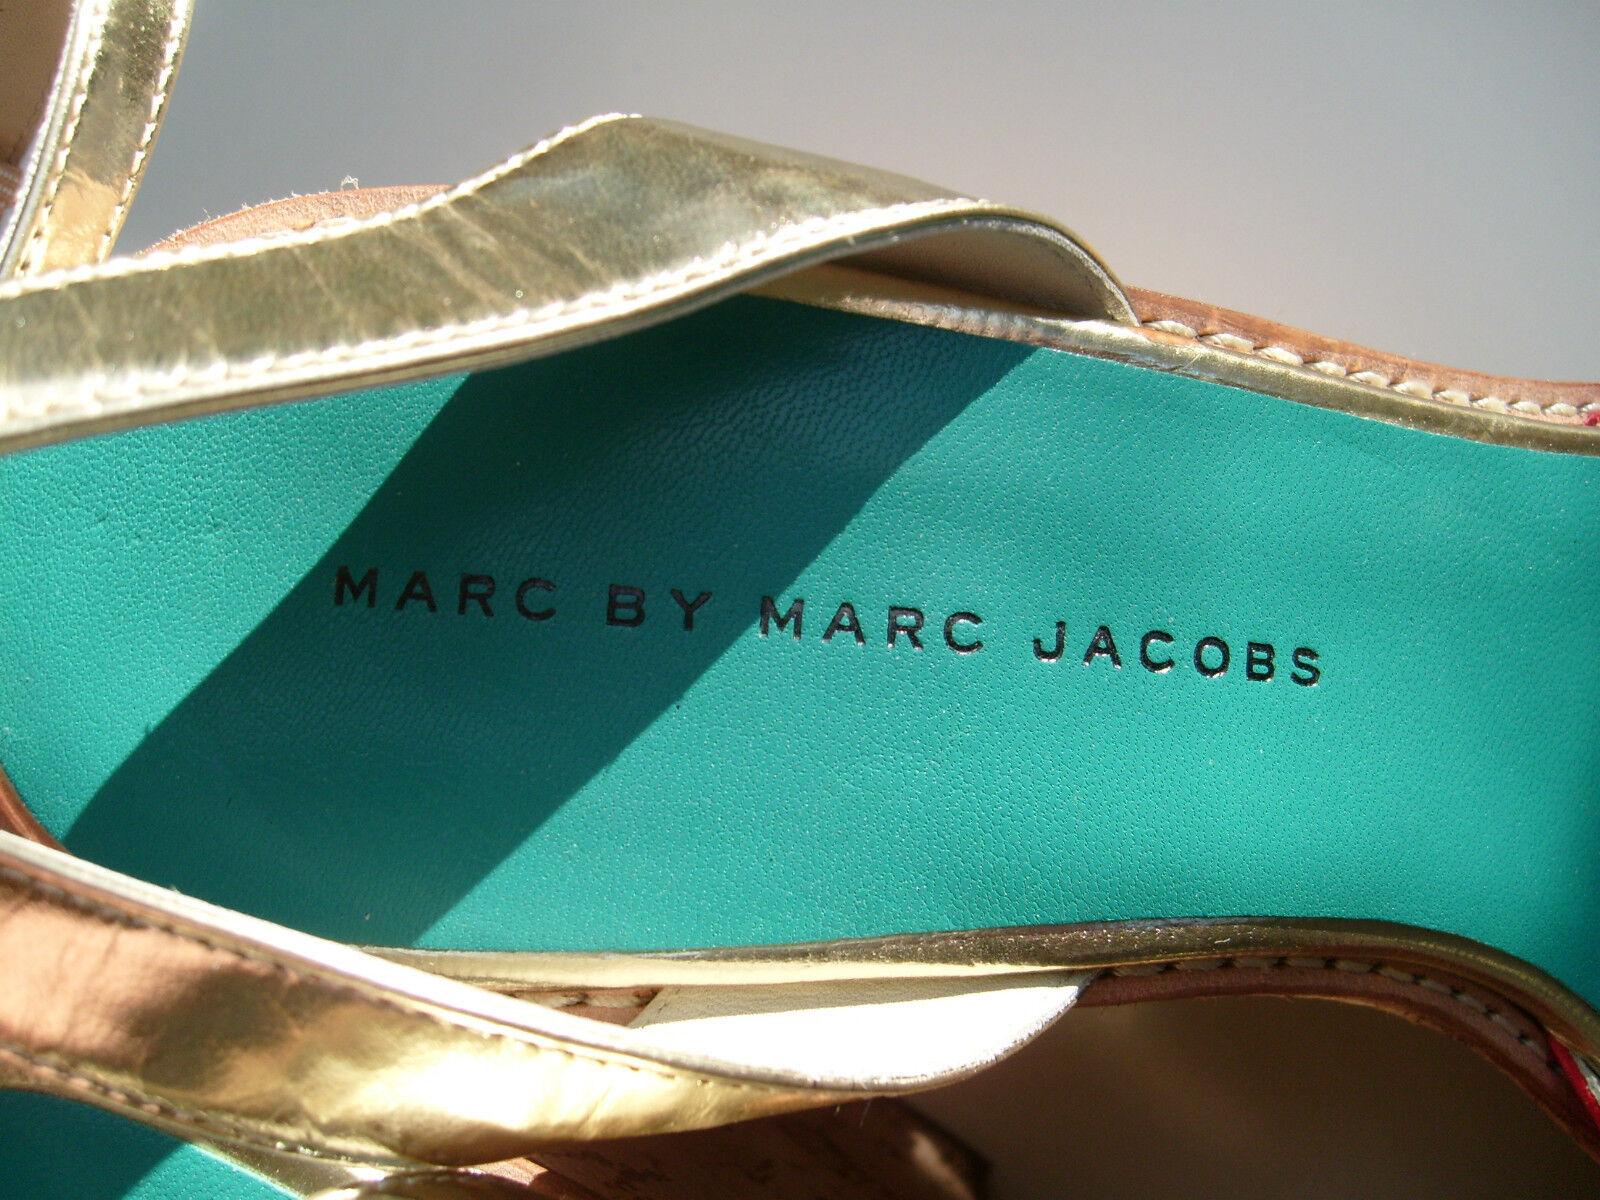 MARC by M JACOBS Damen Leder Plateau Kork Wedge Sandaleette in Gr D 40 40.5 Neuw